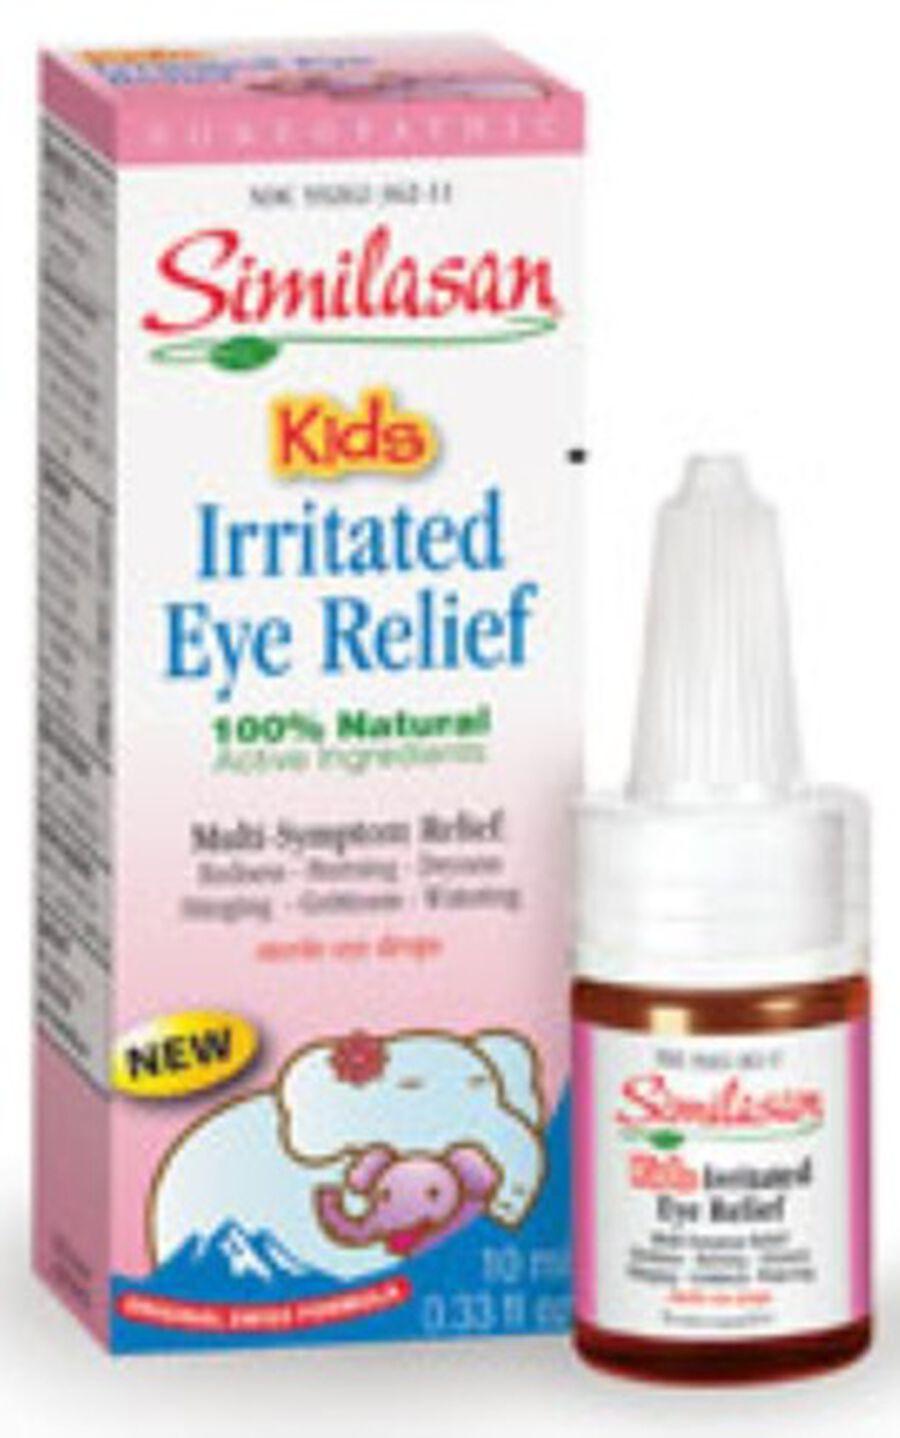 Similasan Kids Irritated Eye Relief, 0.33 fl. oz., , large image number 3